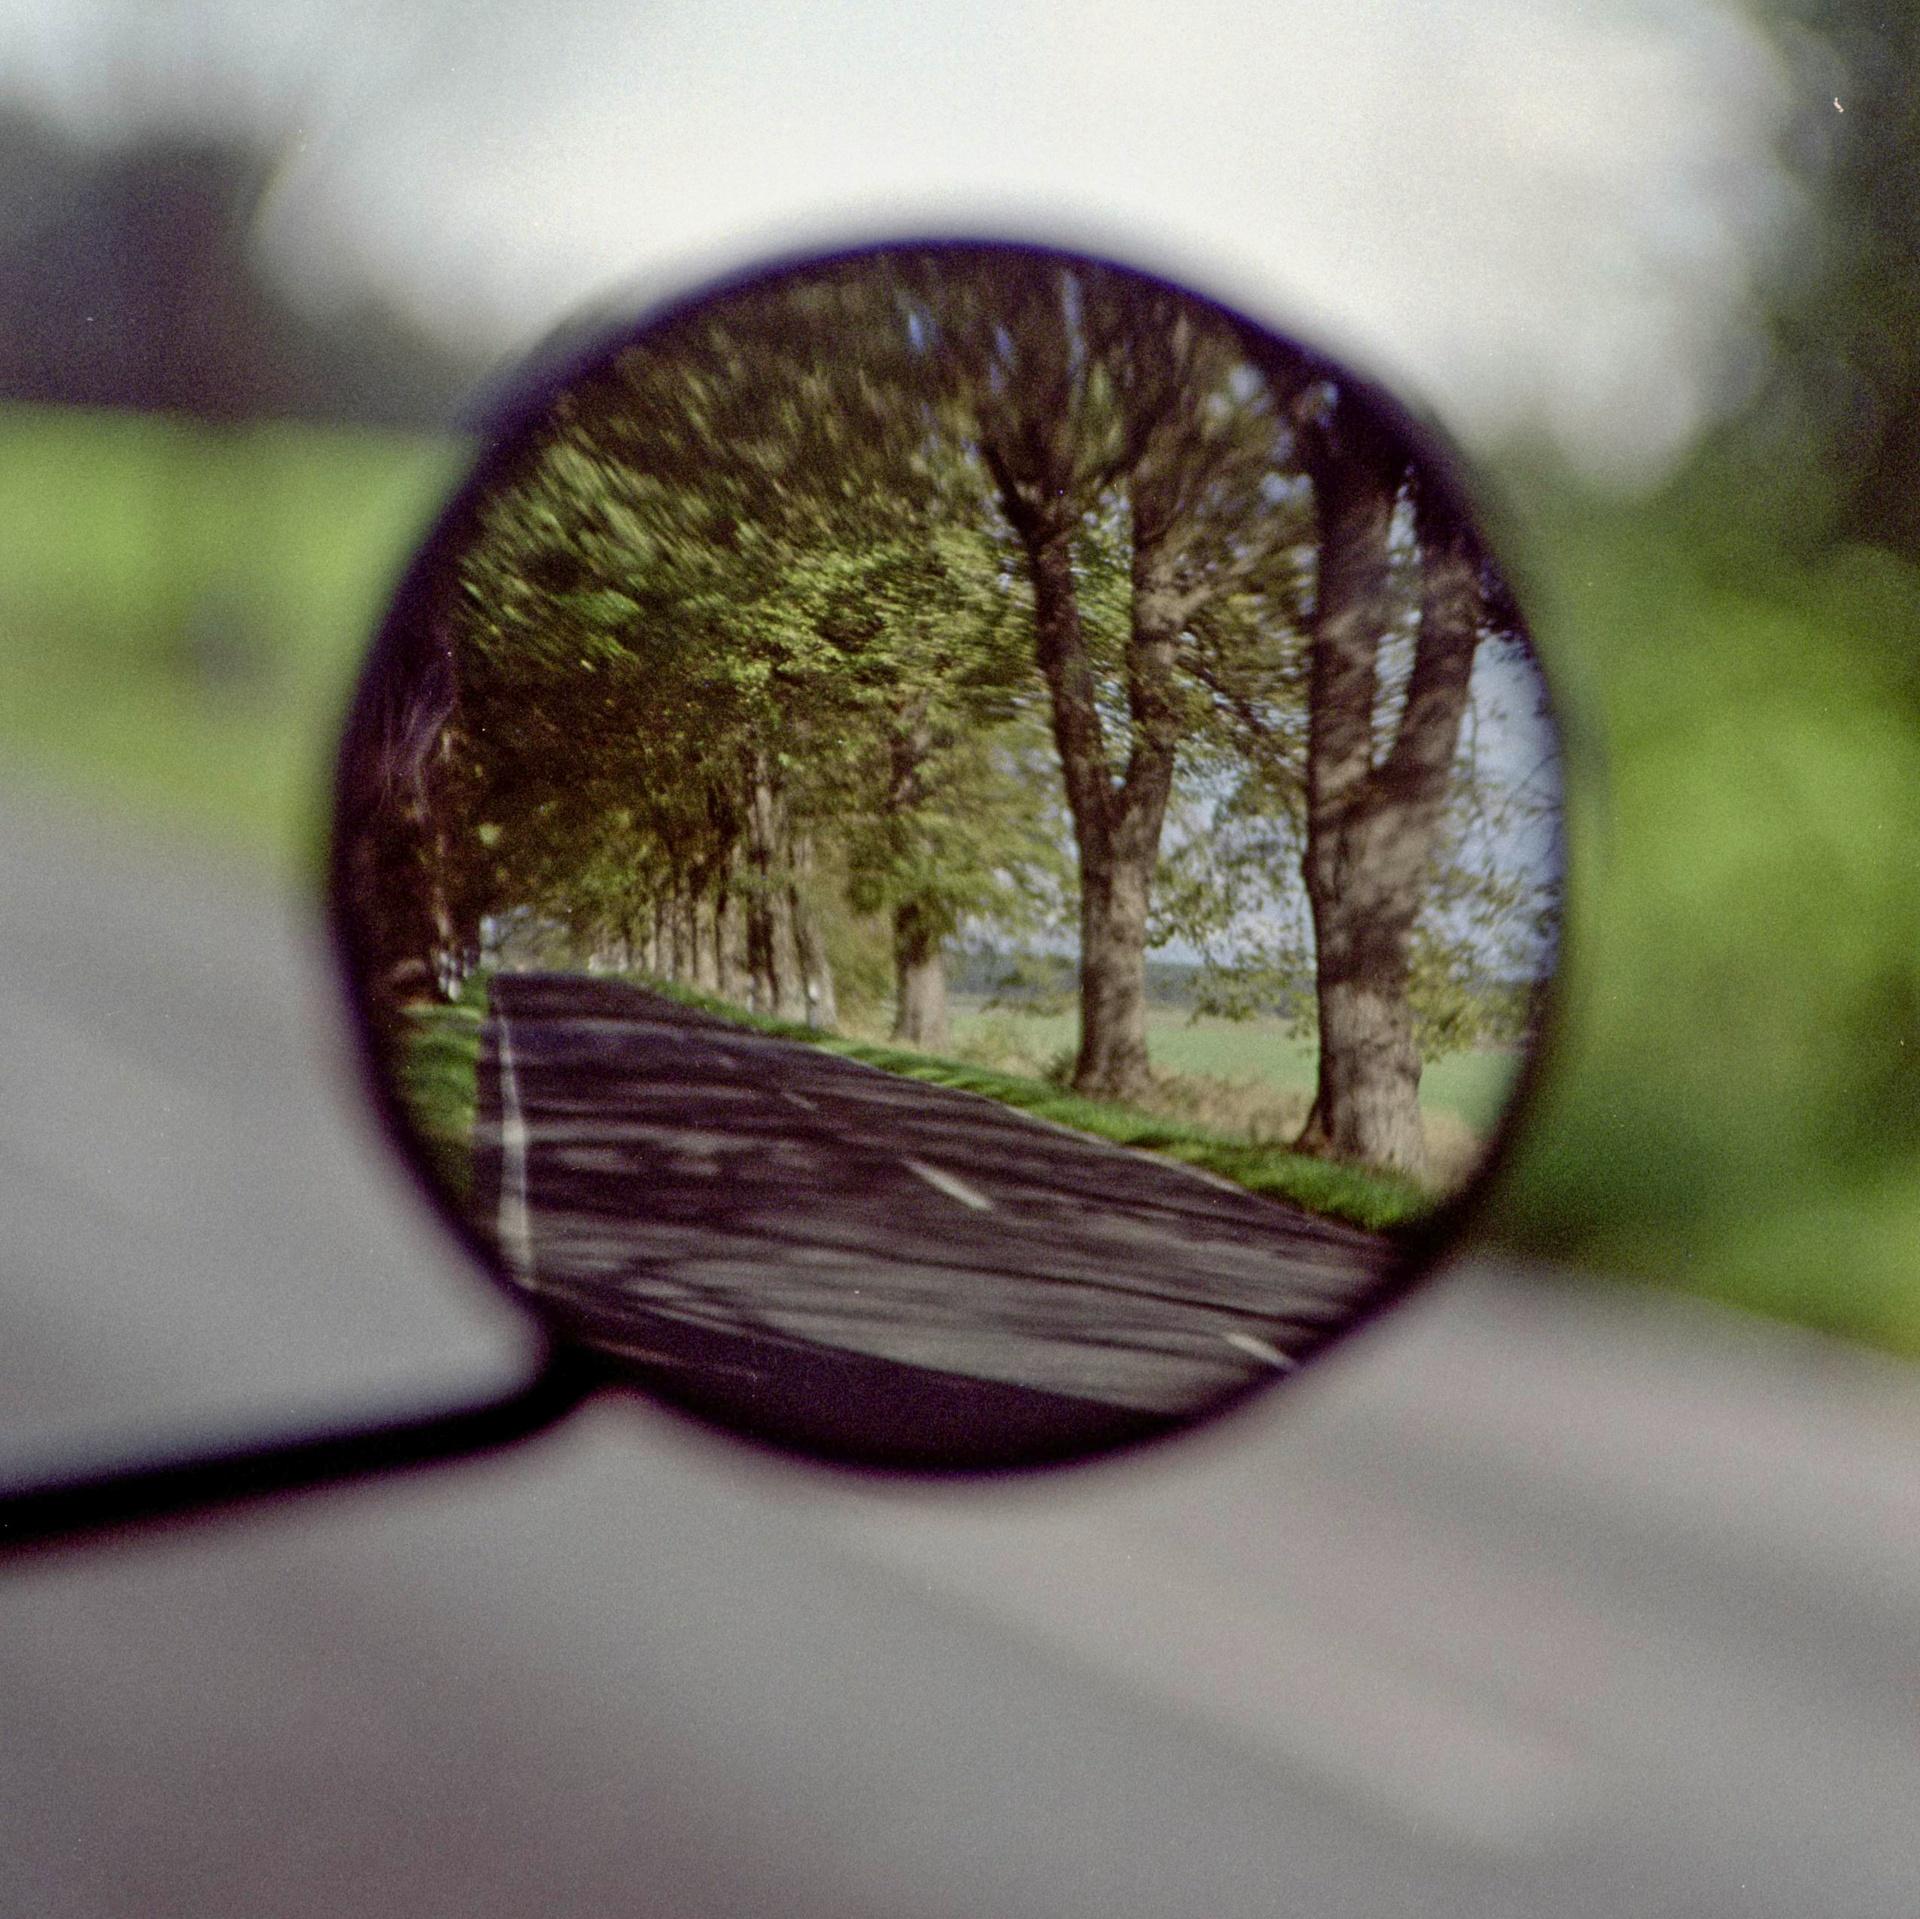 Straße im Motorrad-Seitenspiegel betrachtet